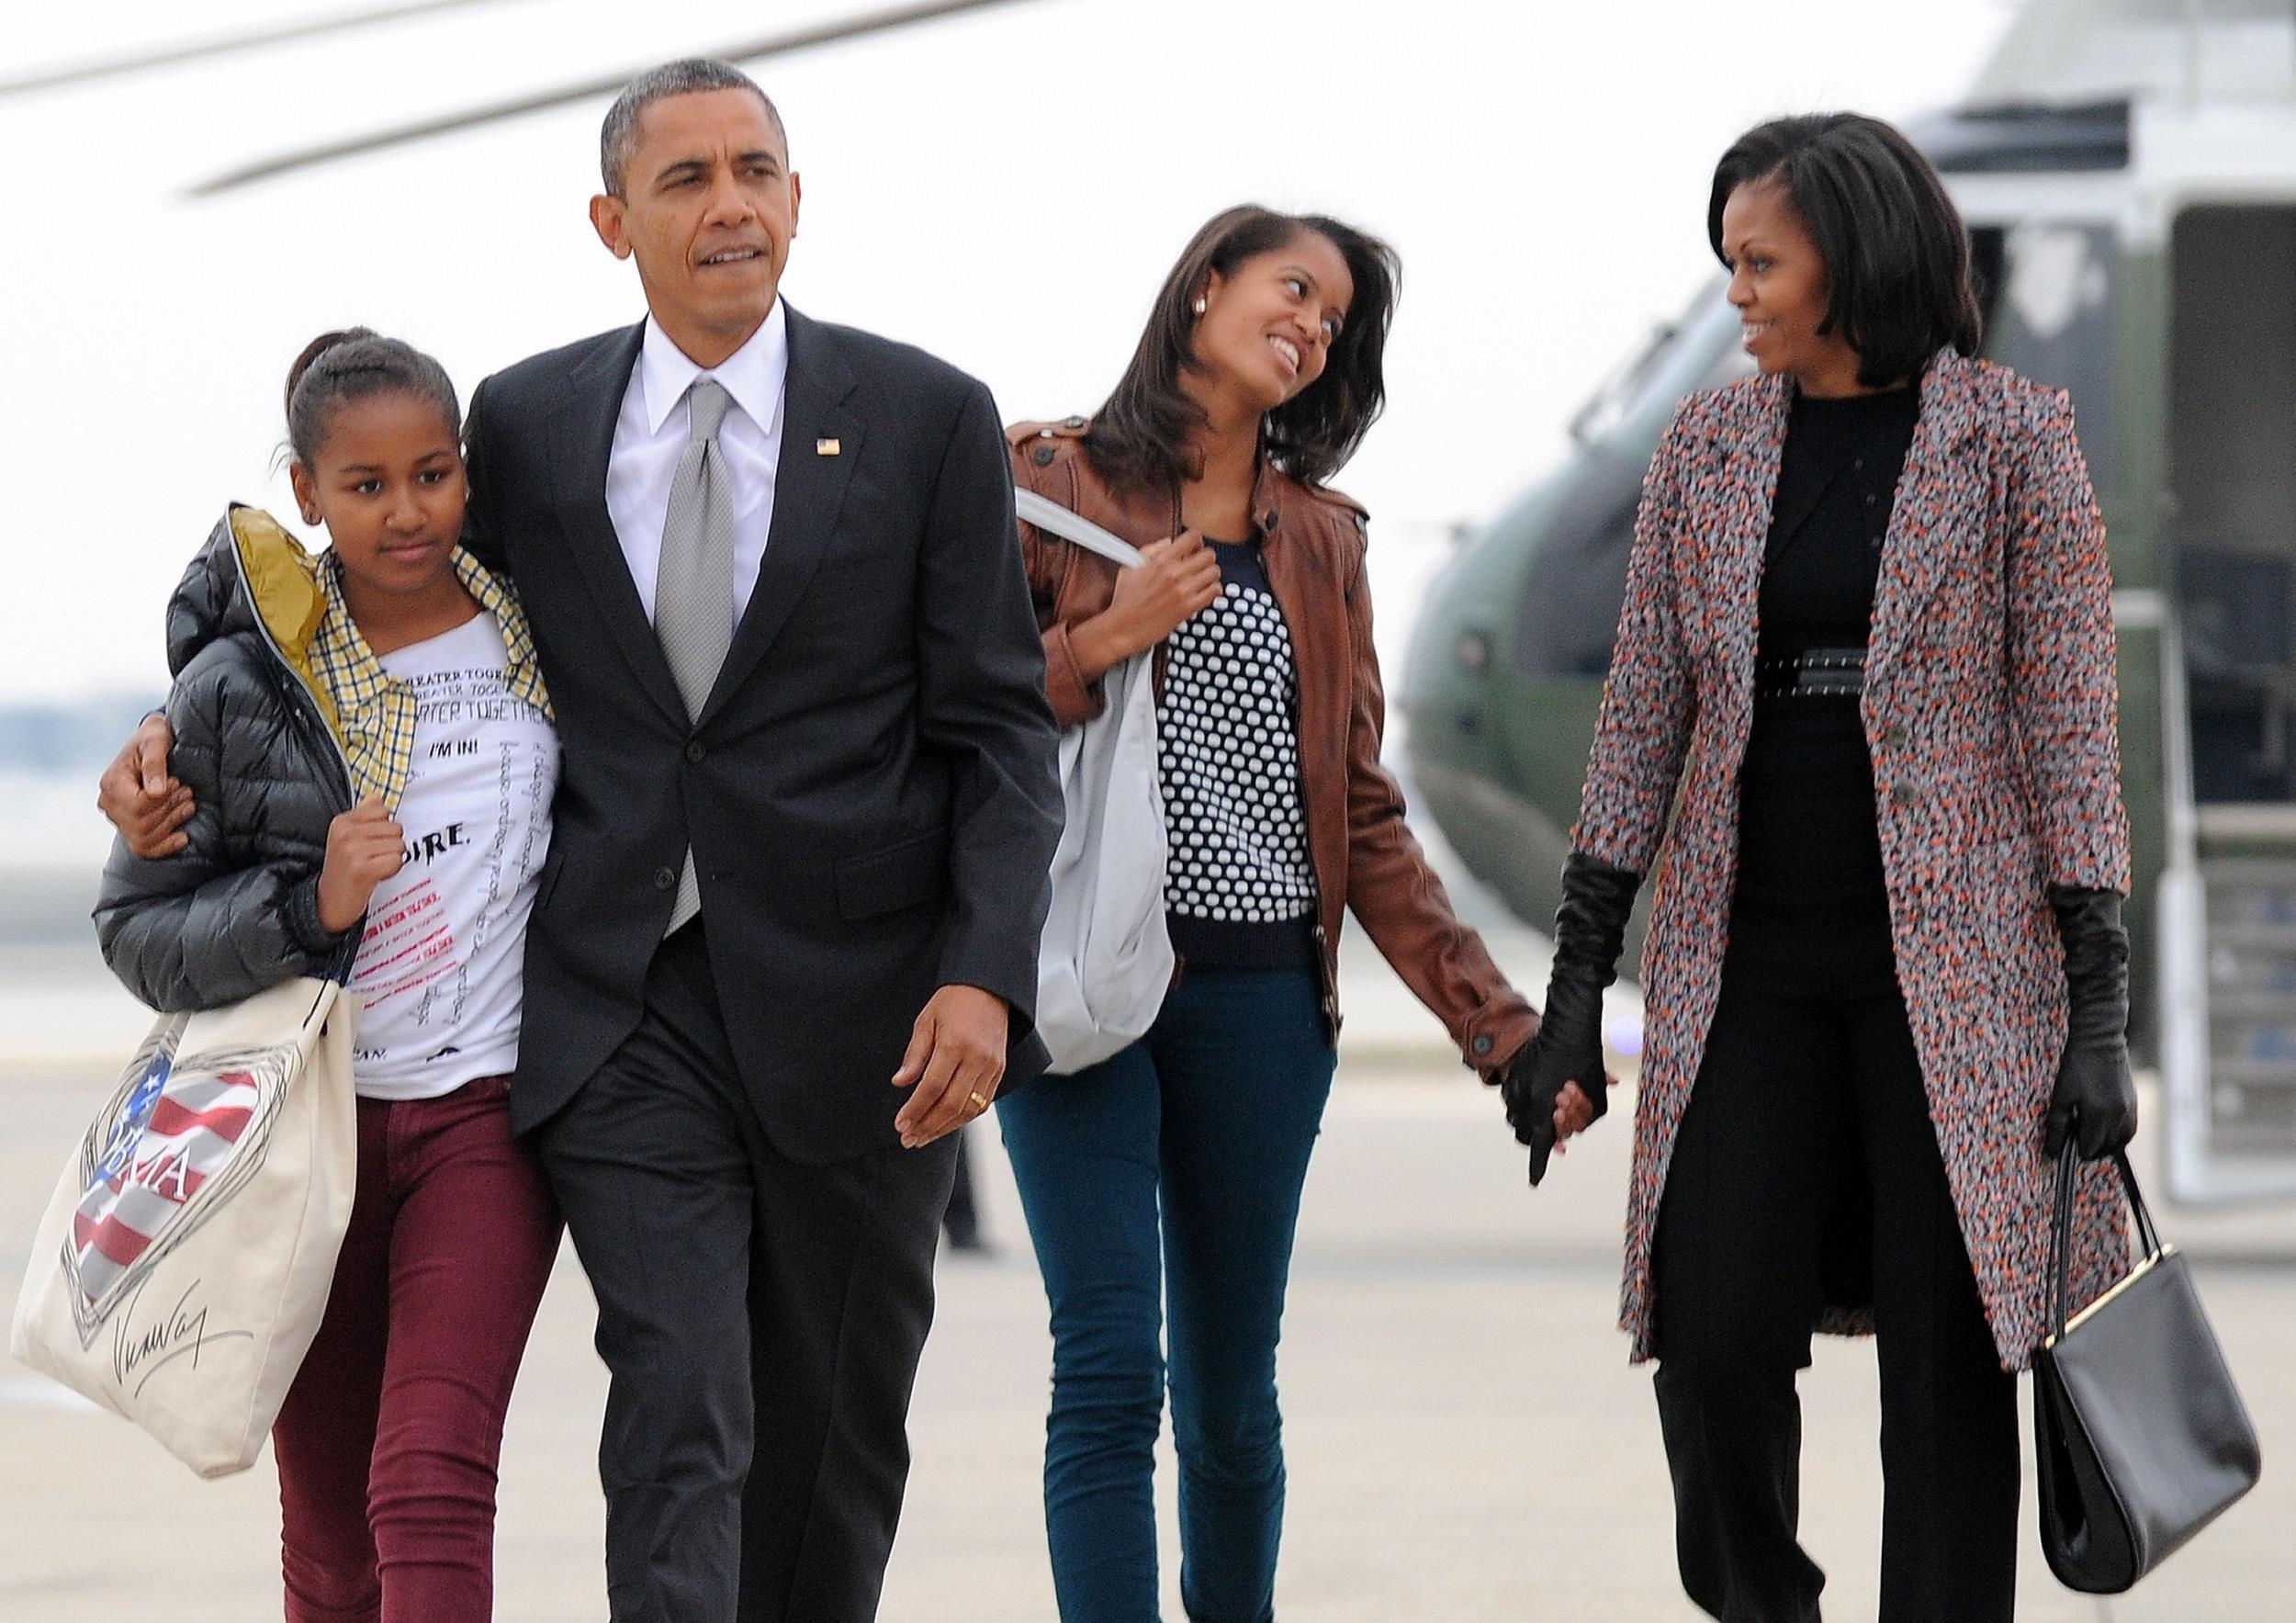 5. Sasha and Malia Obama